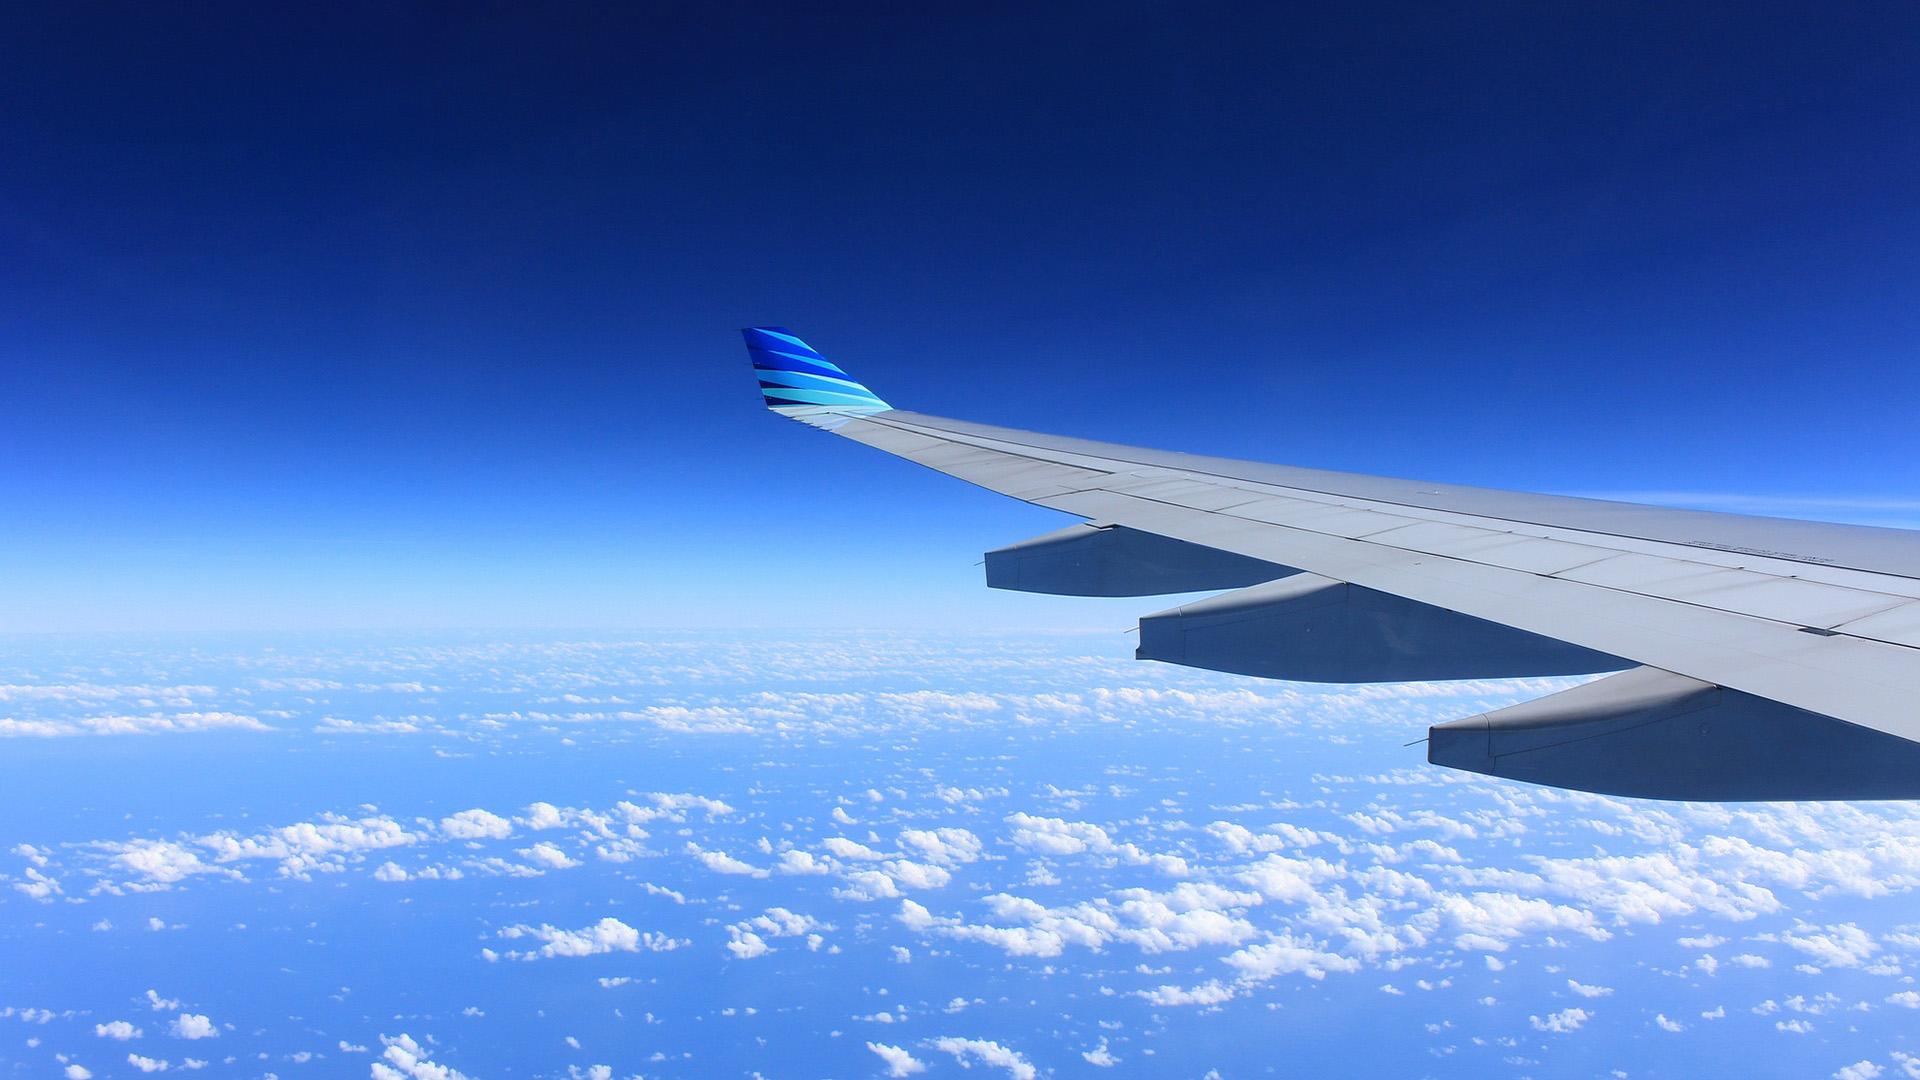 Não sabe para onde viajar nas próximas férias? Descubra os novos destinos para conhecer nos EUA e tenha um passeio inesquecível.